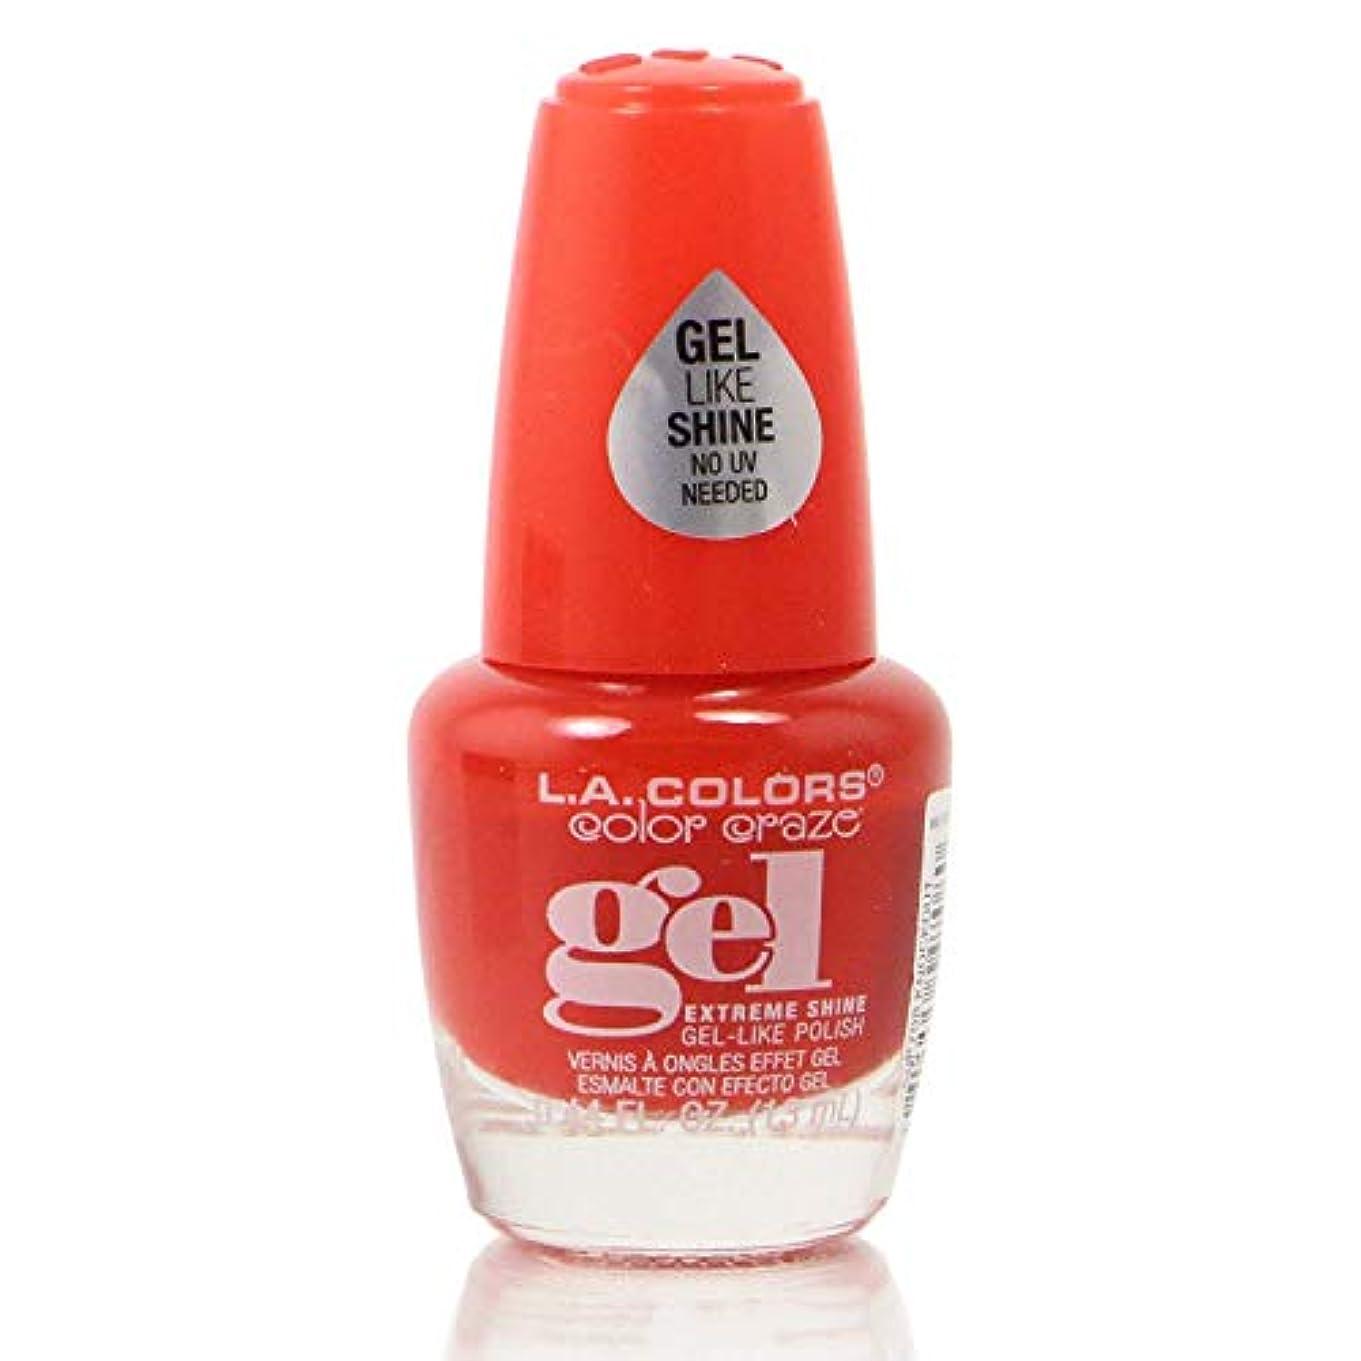 LA Colors 美容化粧品21 Cnp708美容化粧品21